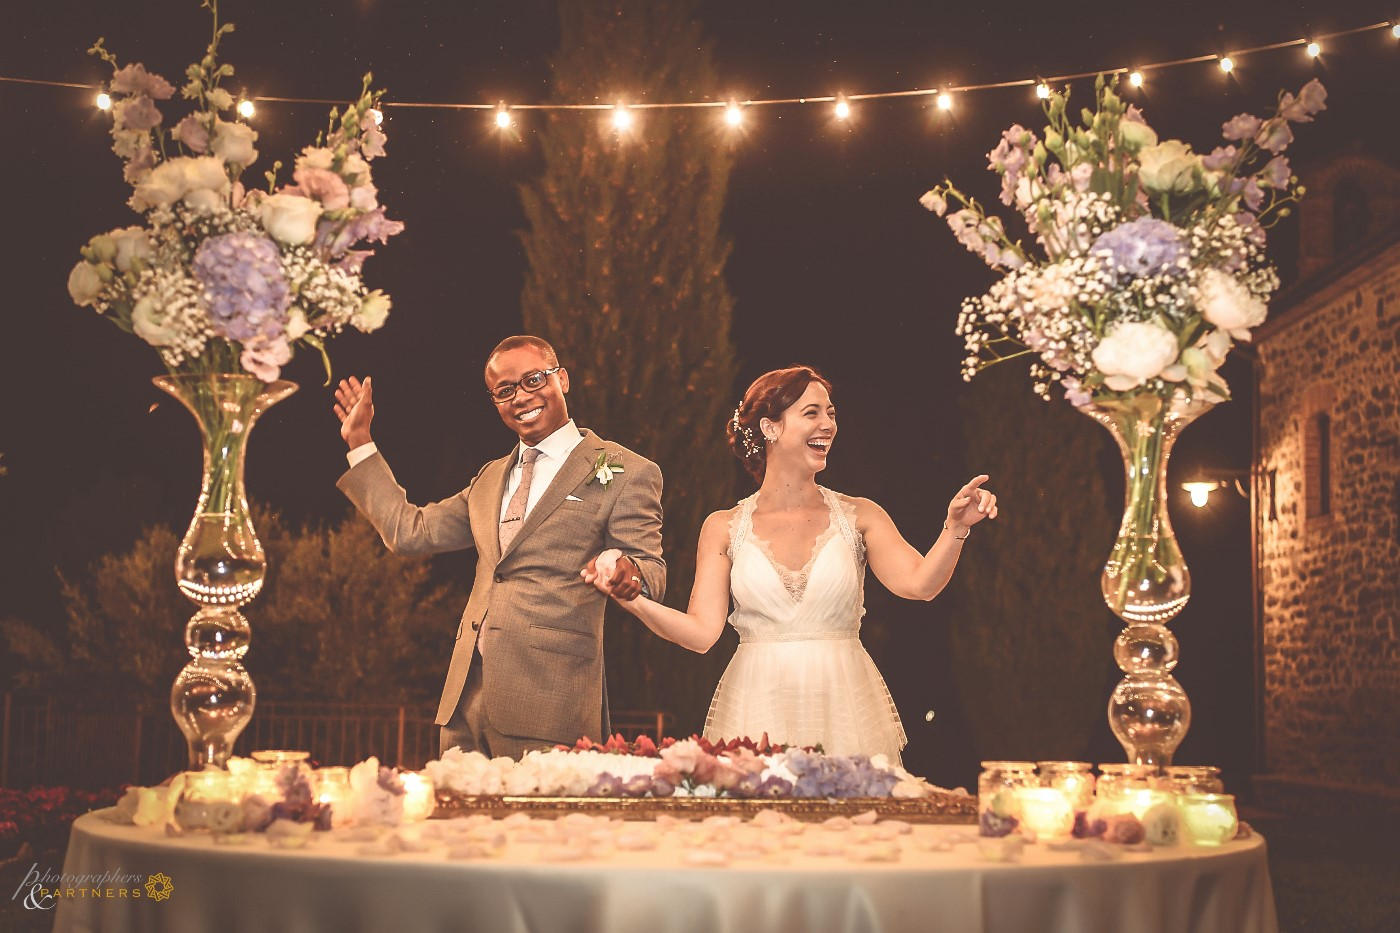 Wedding cake time 🍰